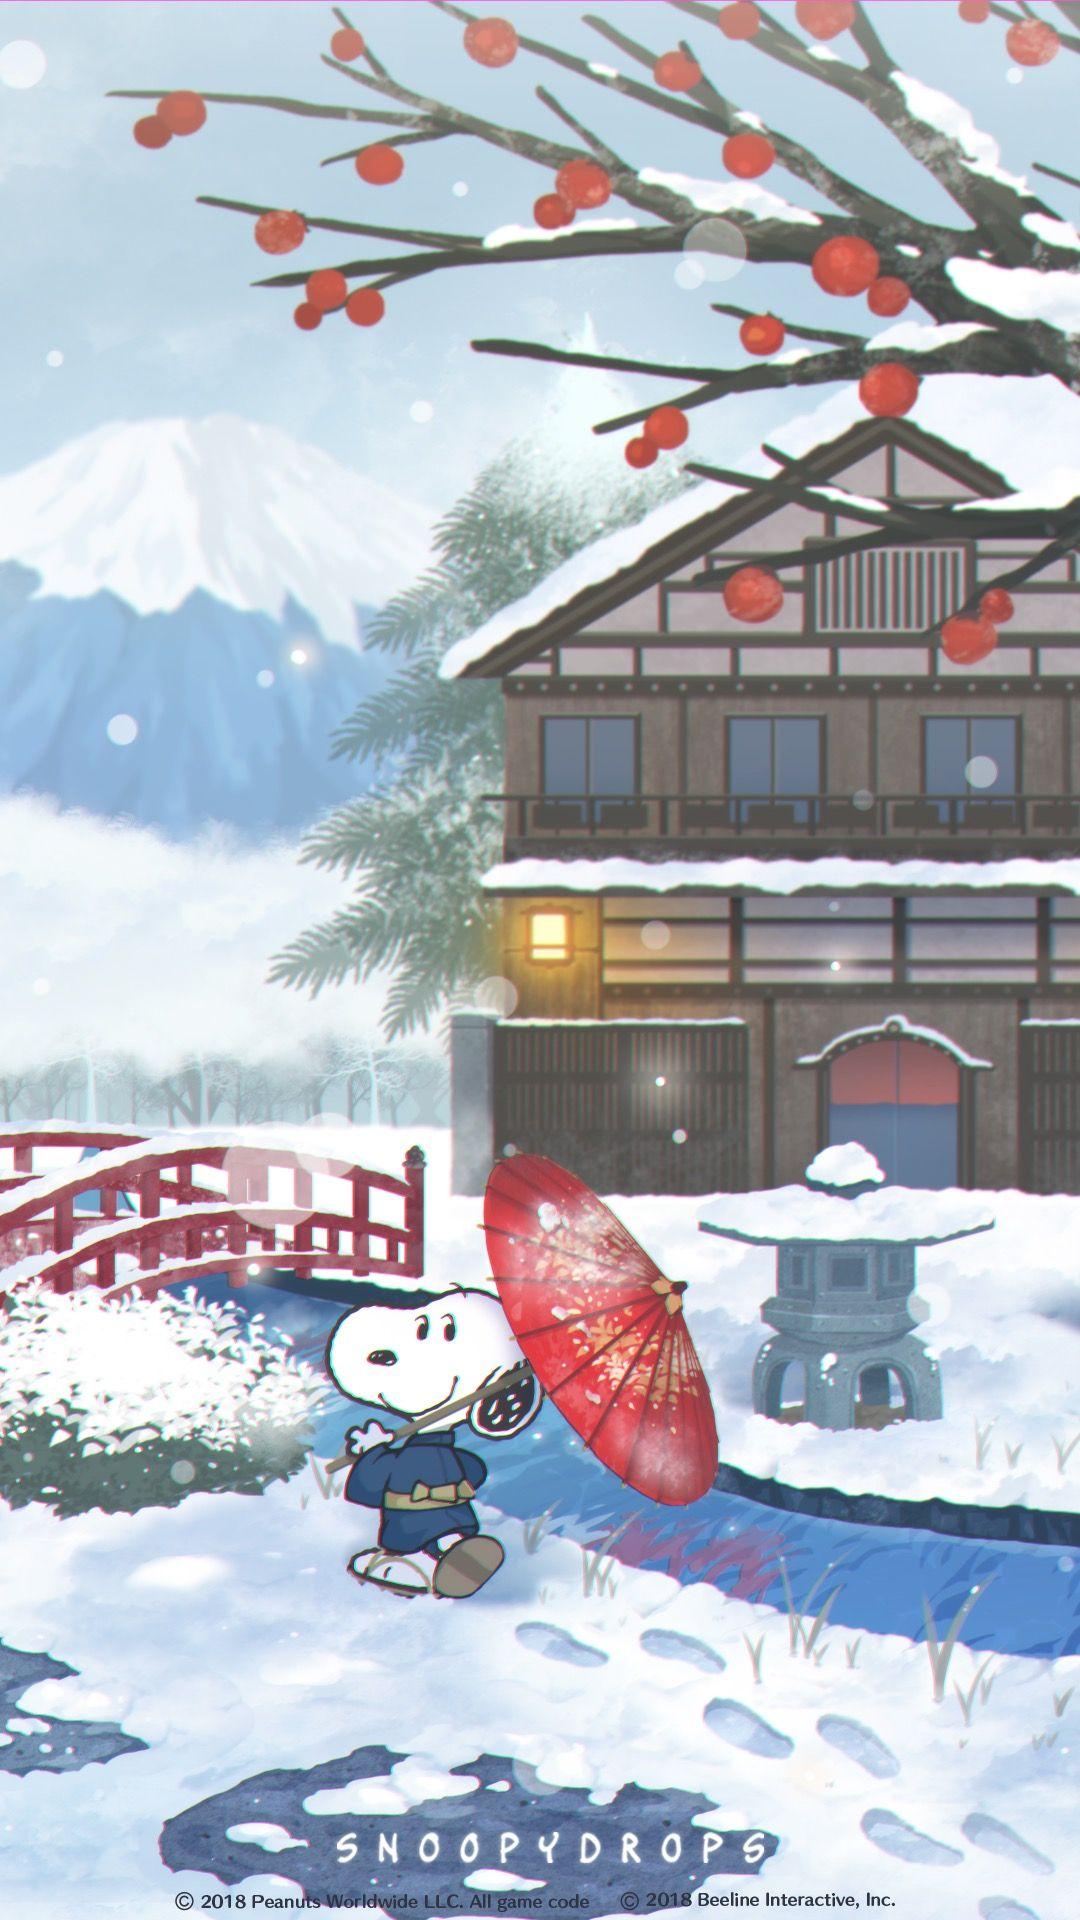 Snoopy スヌーピー 雪景色 雪景色 イラスト スヌーピーの壁紙